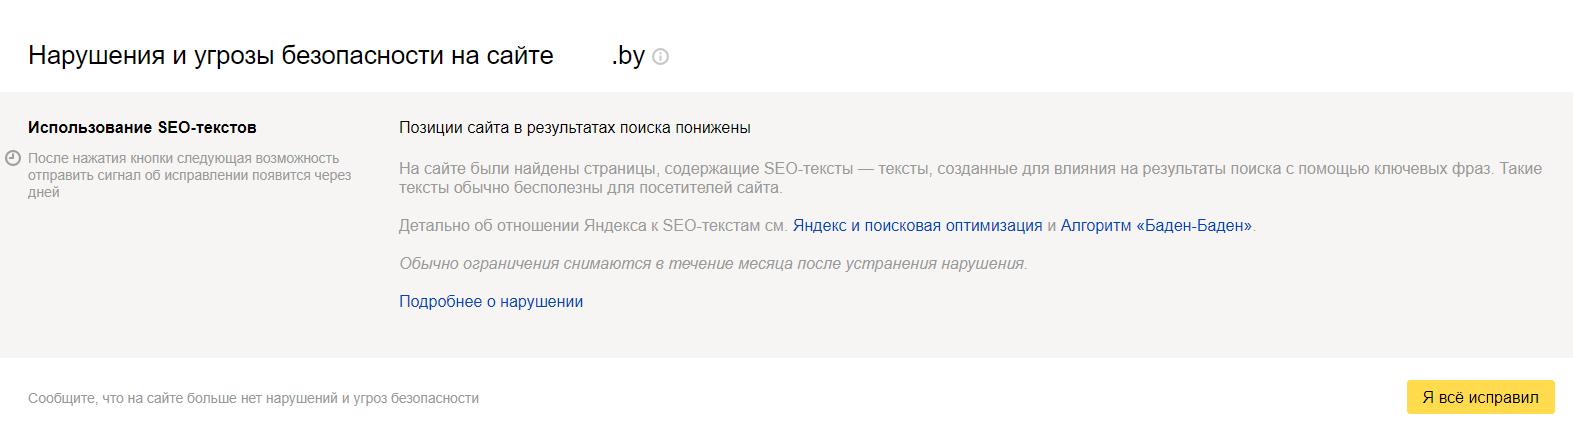 Сообщение Яндекса о нарушениях